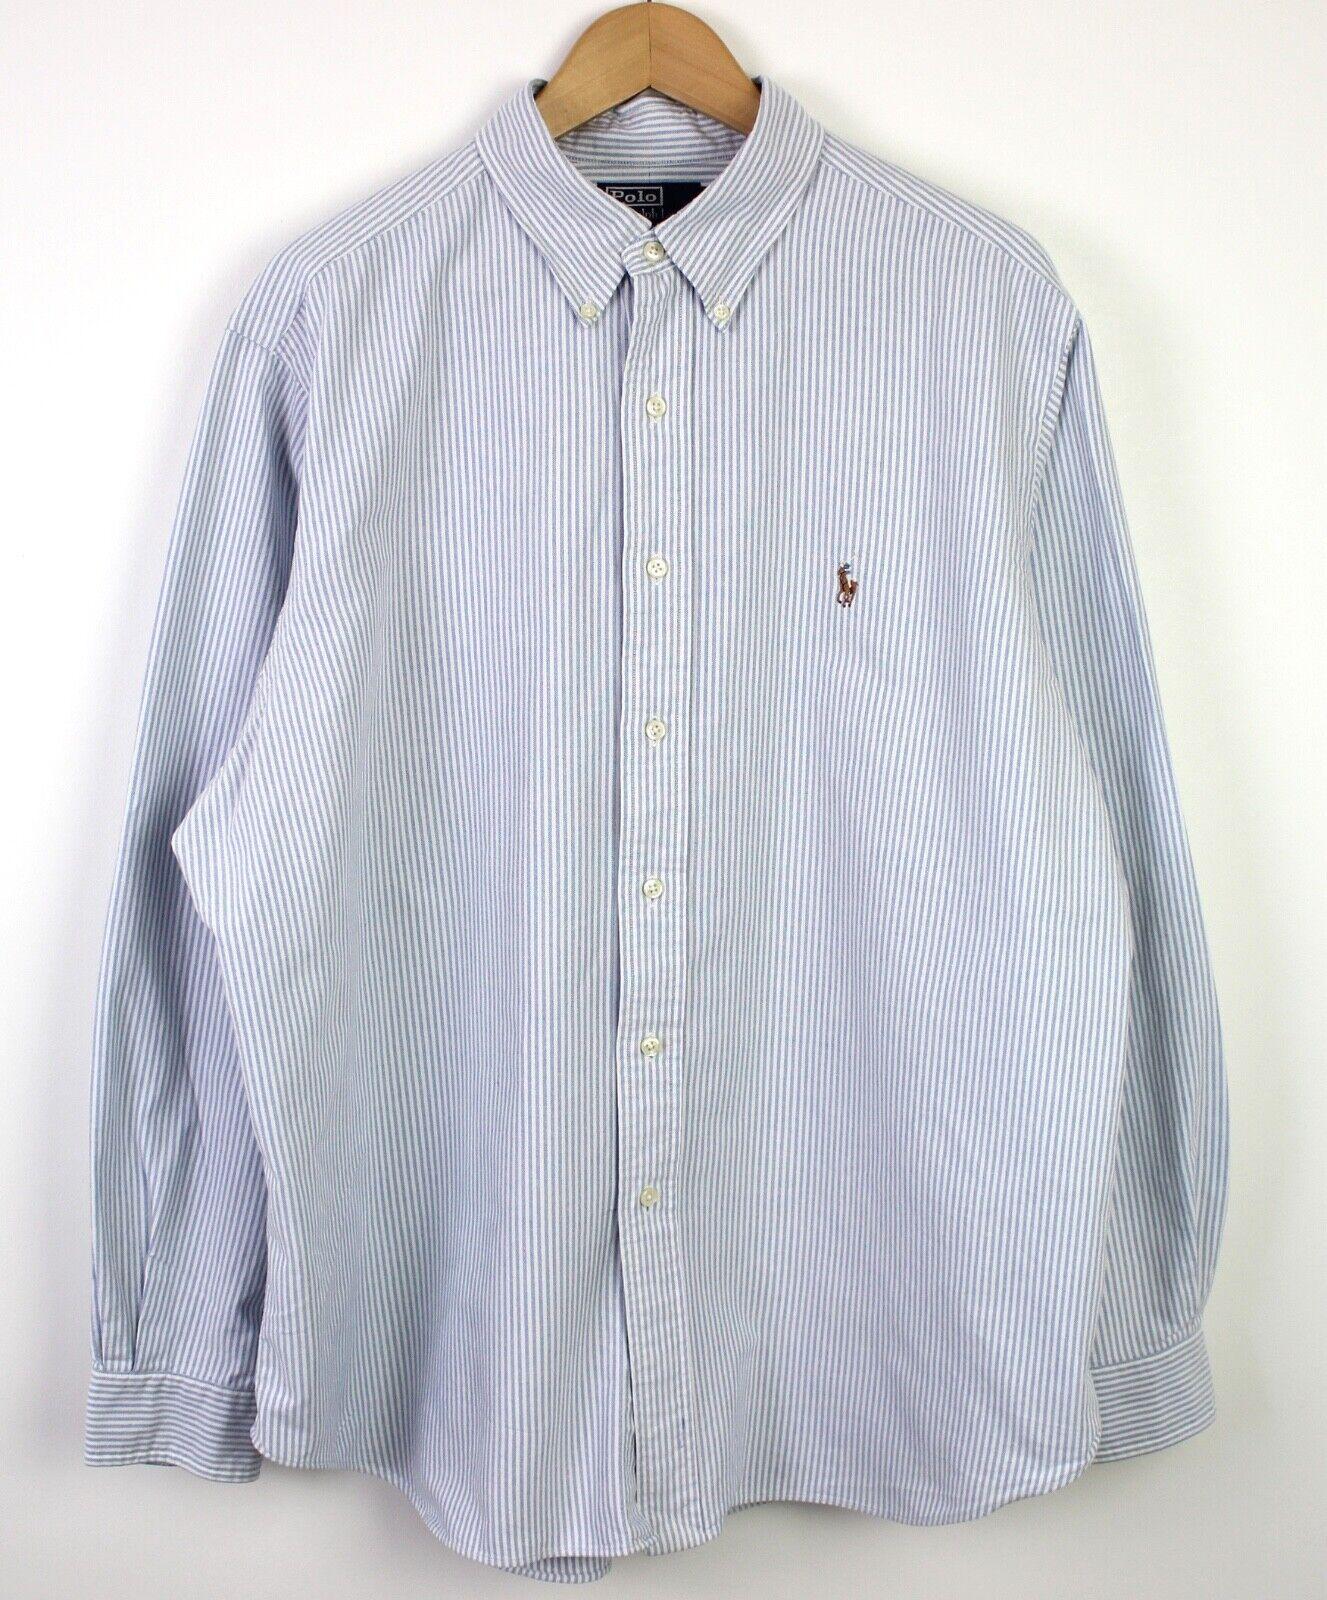 online retailer 43498 b61af Genuine Ralph Lauren blu Bianca a Righe Da Uomo BUTTON DOWN ...